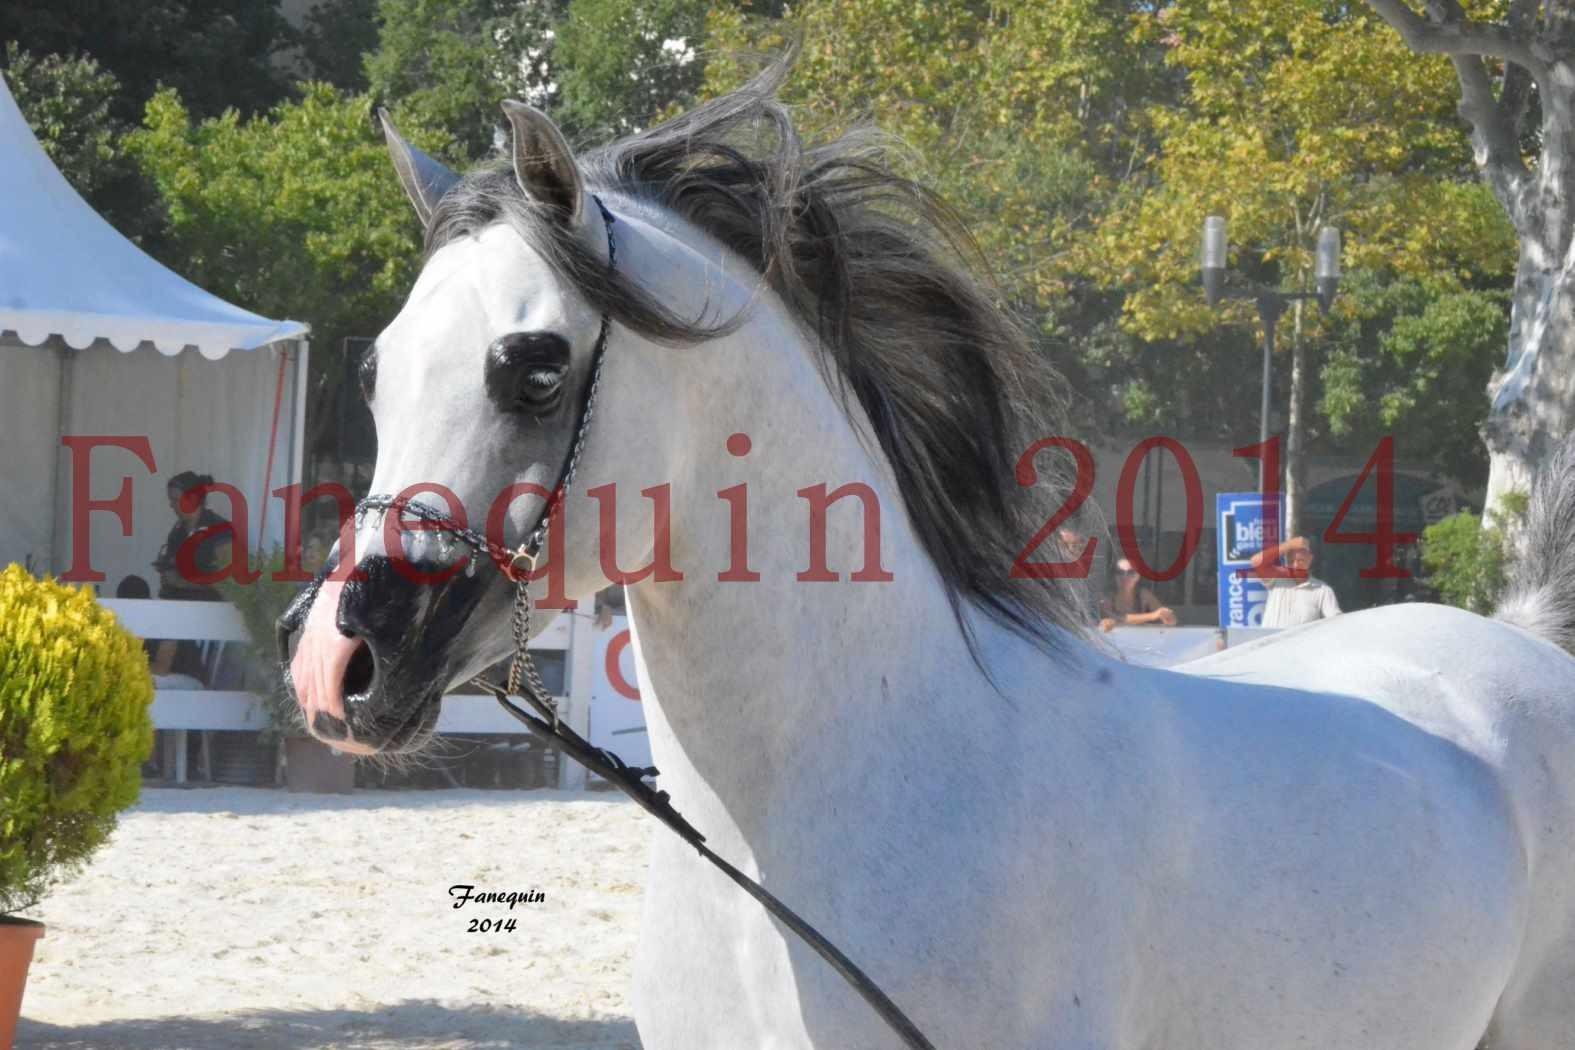 Concours National de Nîmes de chevaux ARABES 2014 - Notre Sélection - Portraits - SHAOLIN DE NEDJAIA - 15